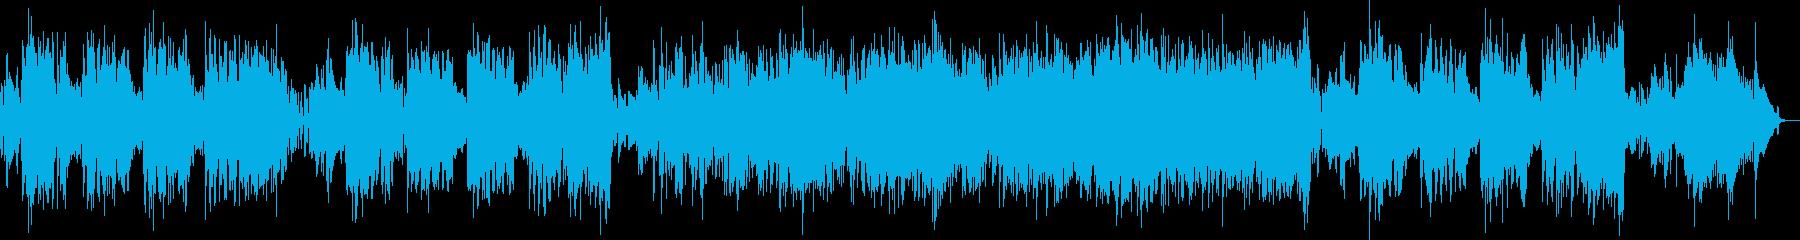 フルートとエレピのラテンの再生済みの波形